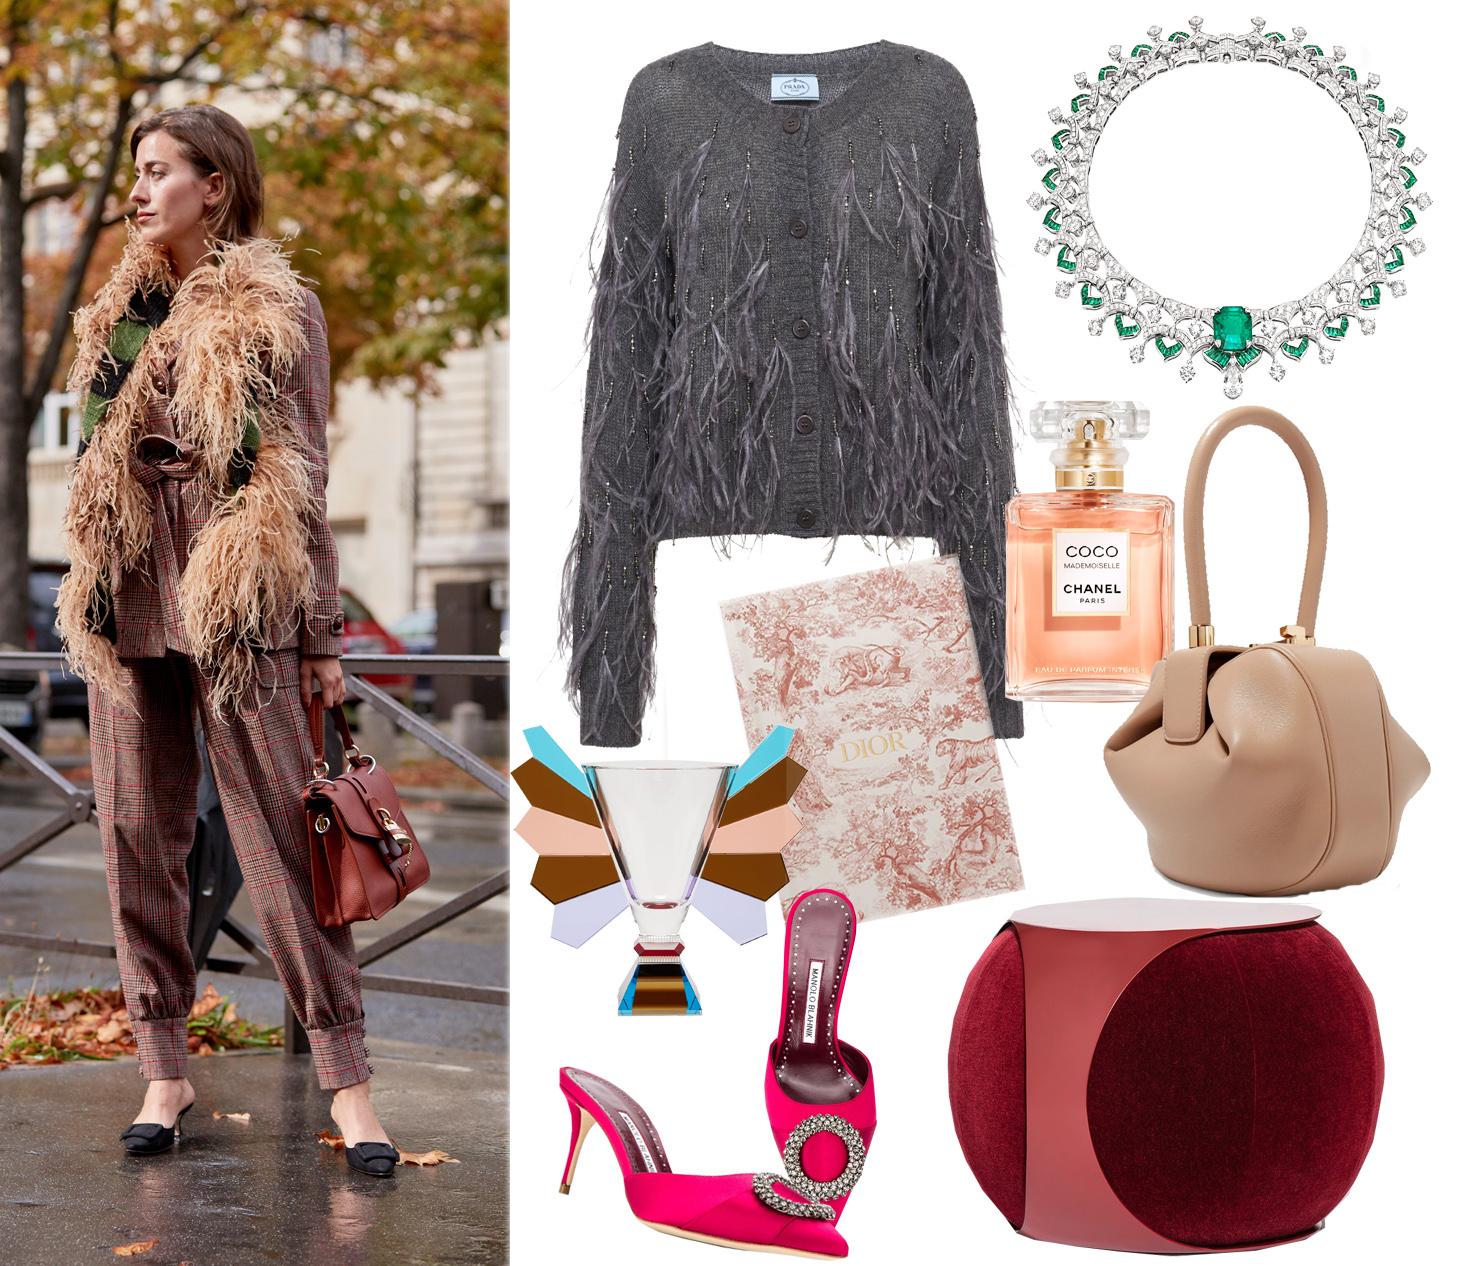 Regalos para mujer de moda, belleza y decoración.